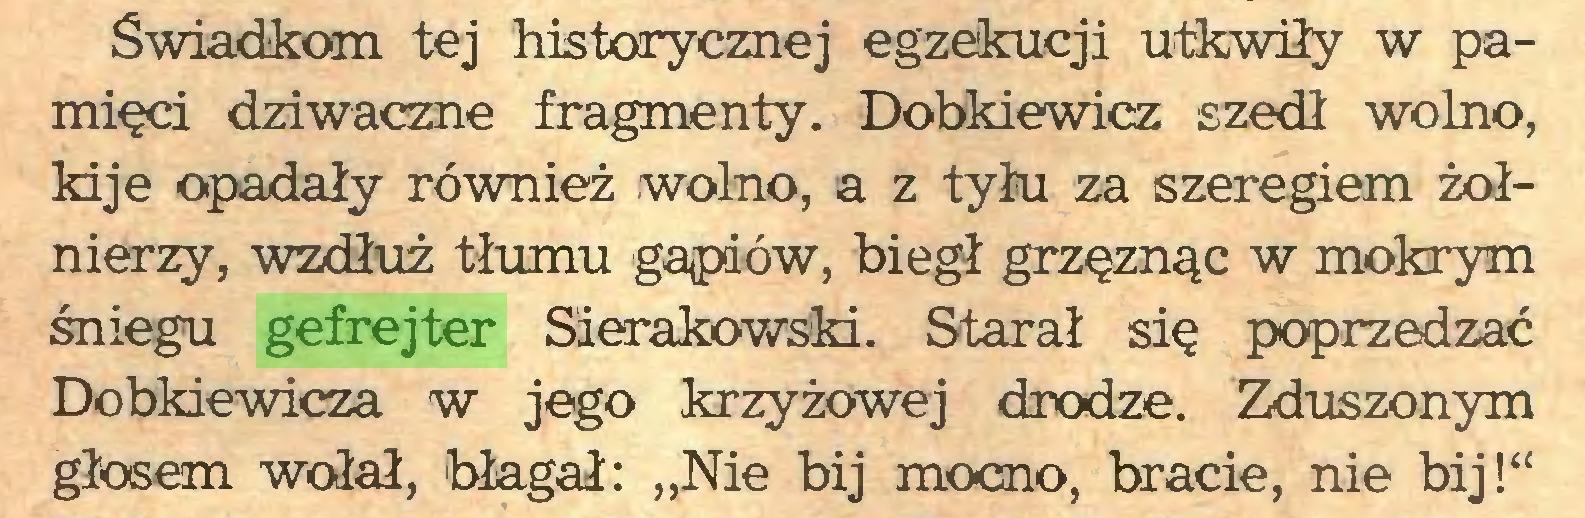 """(...) Świadkom tej historycznej egzekucji utkwiły w pamięci dziwaczne fragmenty. Dobkiewicz szedł wolno, kije opadały również wolno, a z tyłu za szeregiem żołnierzy, wzdłuż tłumu gapiów, biegł grzęznąc w mokrym śniegu gefrejter Sierakowski. Starał się poprzedzać Dobkiewicza w jego krzyżowej drodze. Zduszonym głosem wołał, 'błagał: """"Nie bij mocno, bracie, nie bij!""""..."""